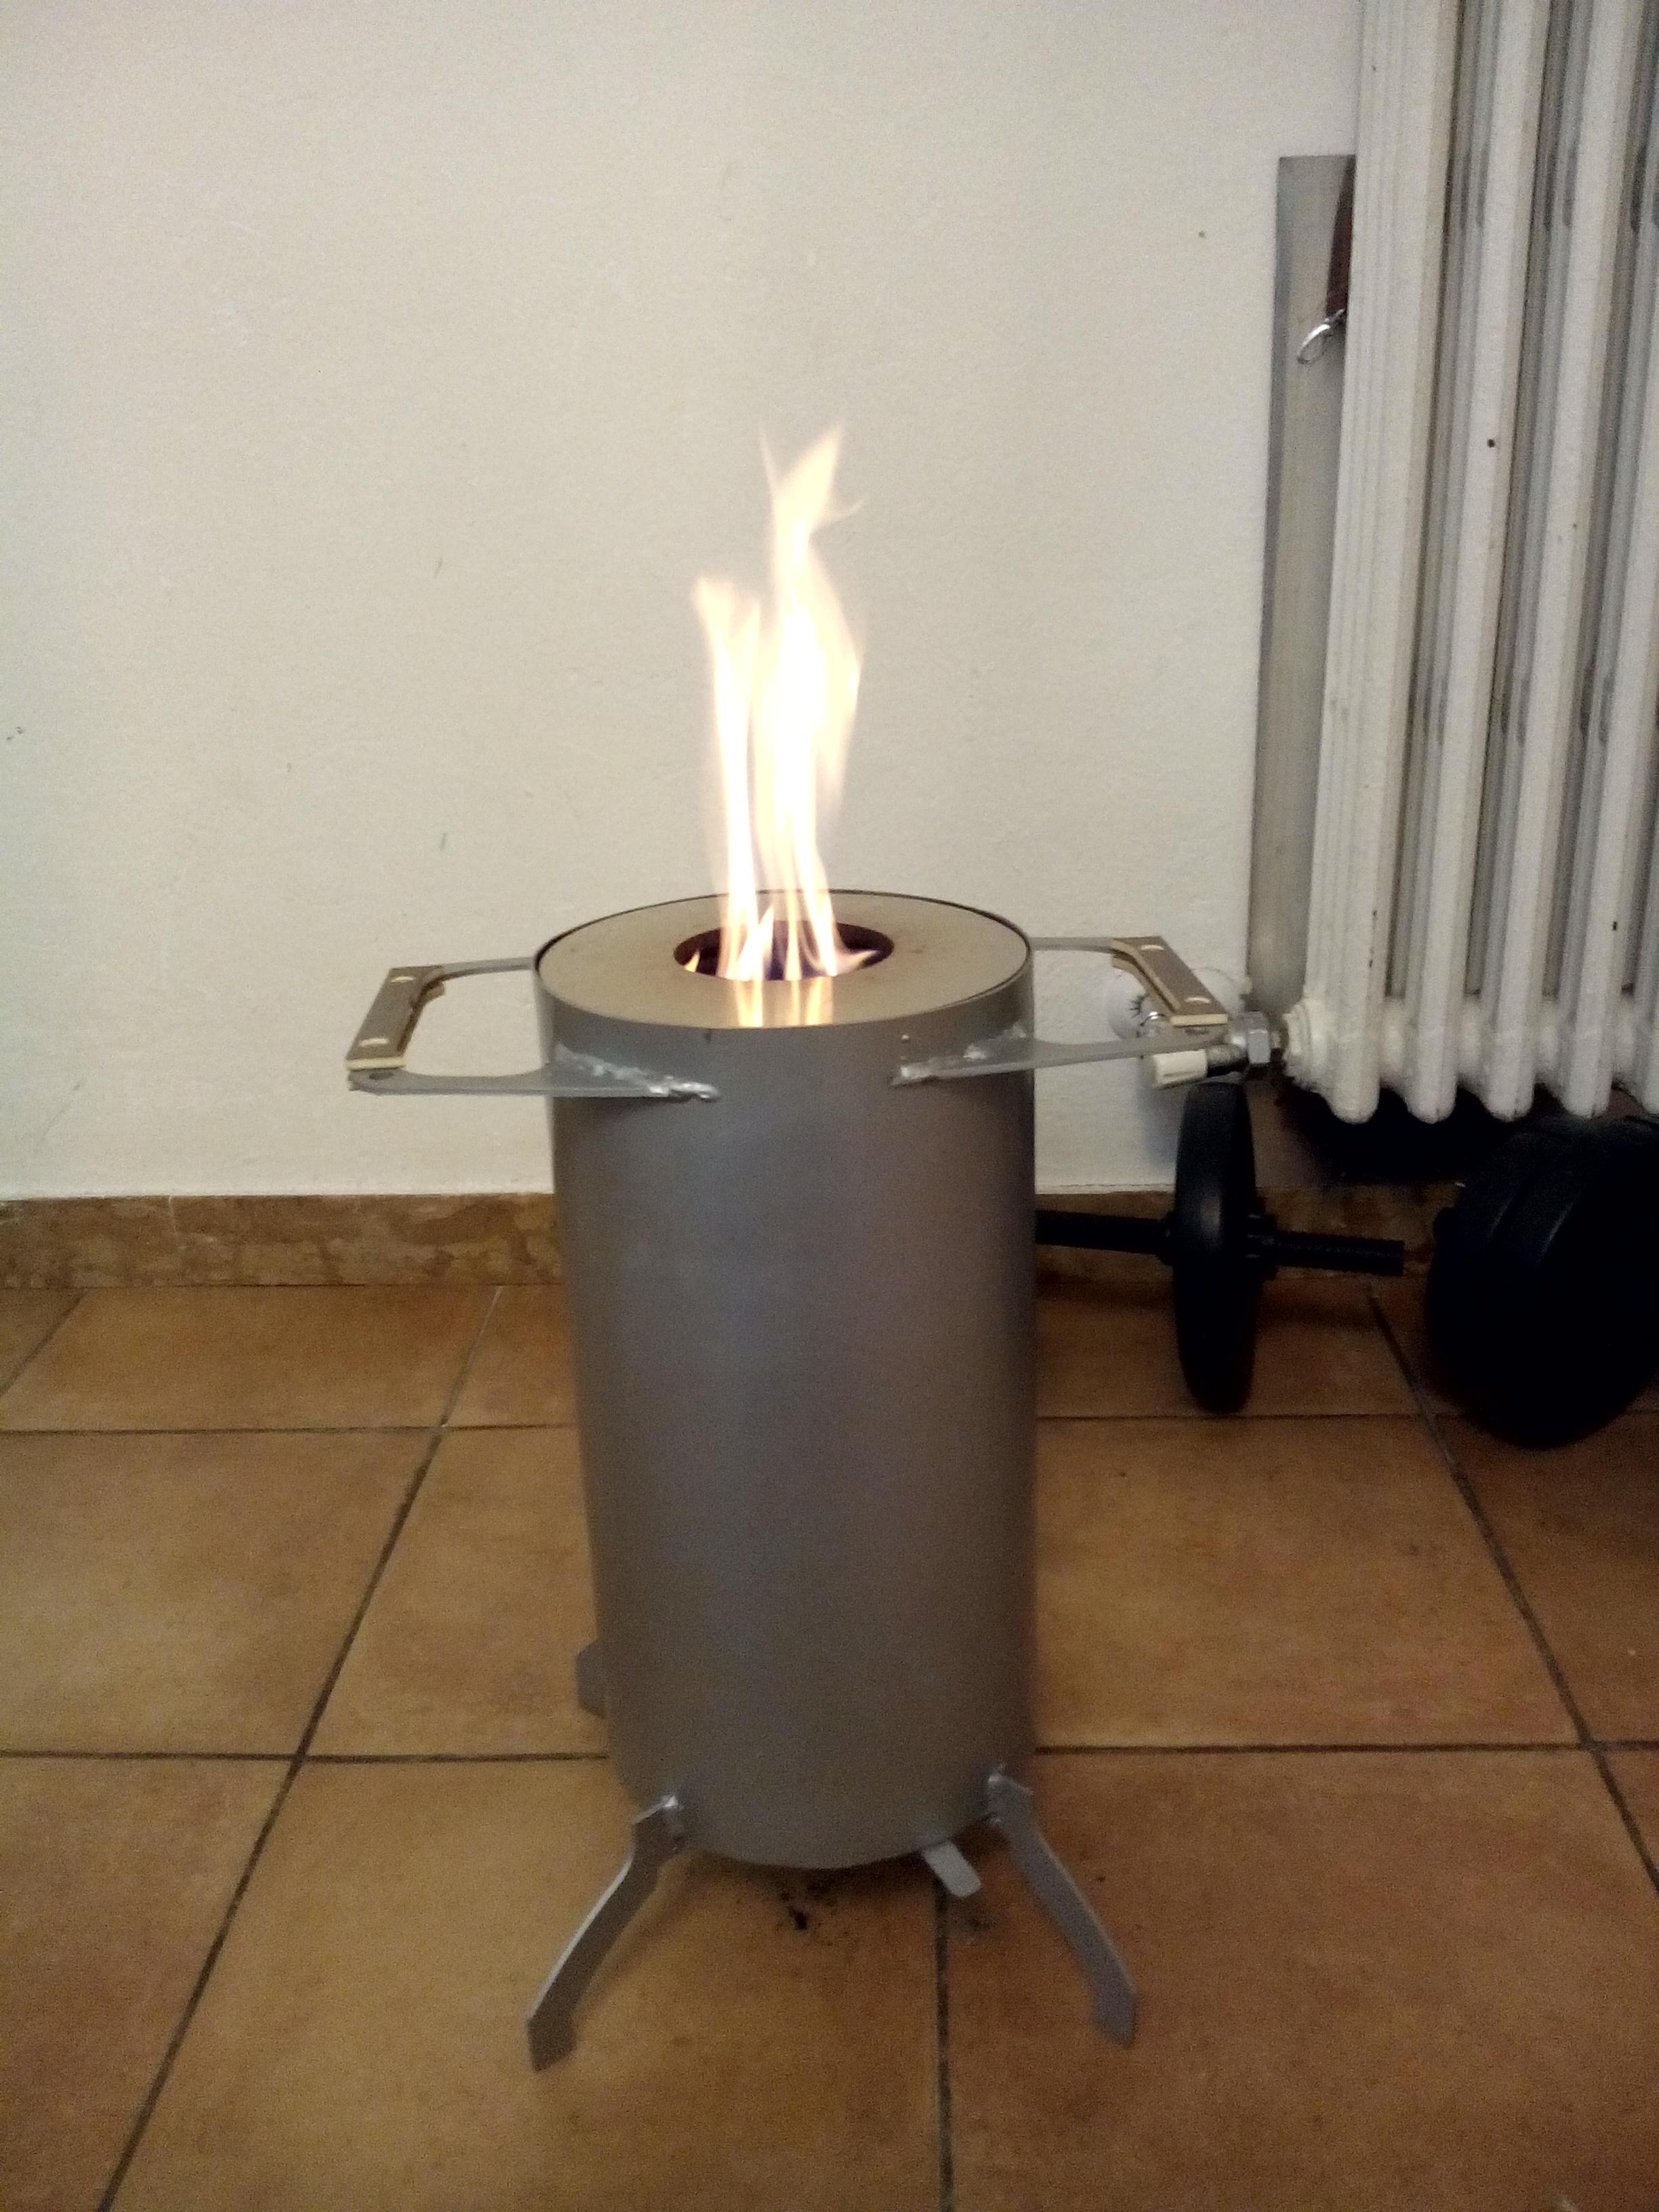 Stuffa pirolitica fai da te autonomia 4 09 ore con 5kg di pe pagina 1 stufe termostufe - Stufe fai da te ...